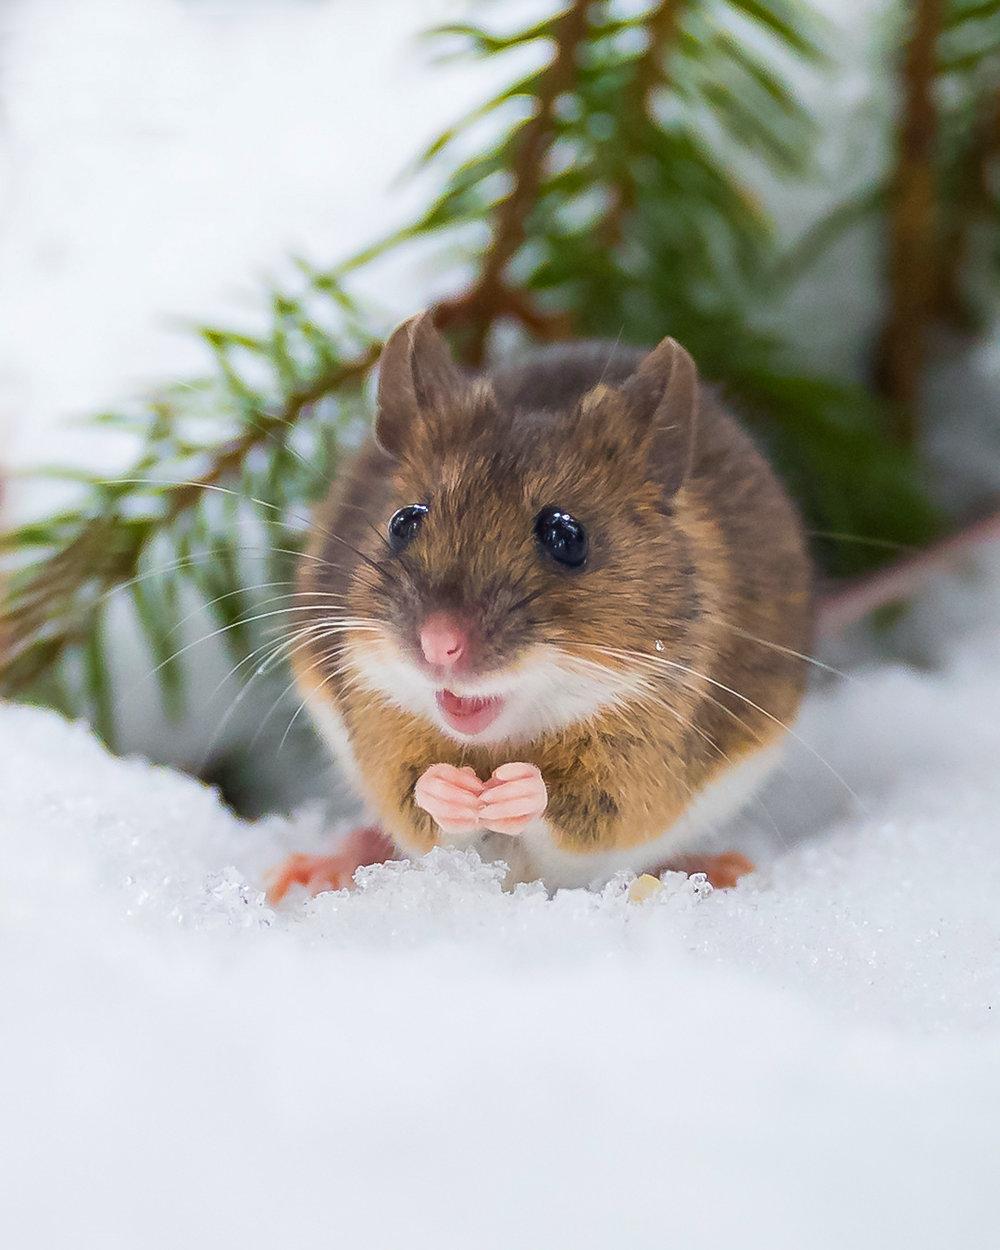 bilbo the mouse -